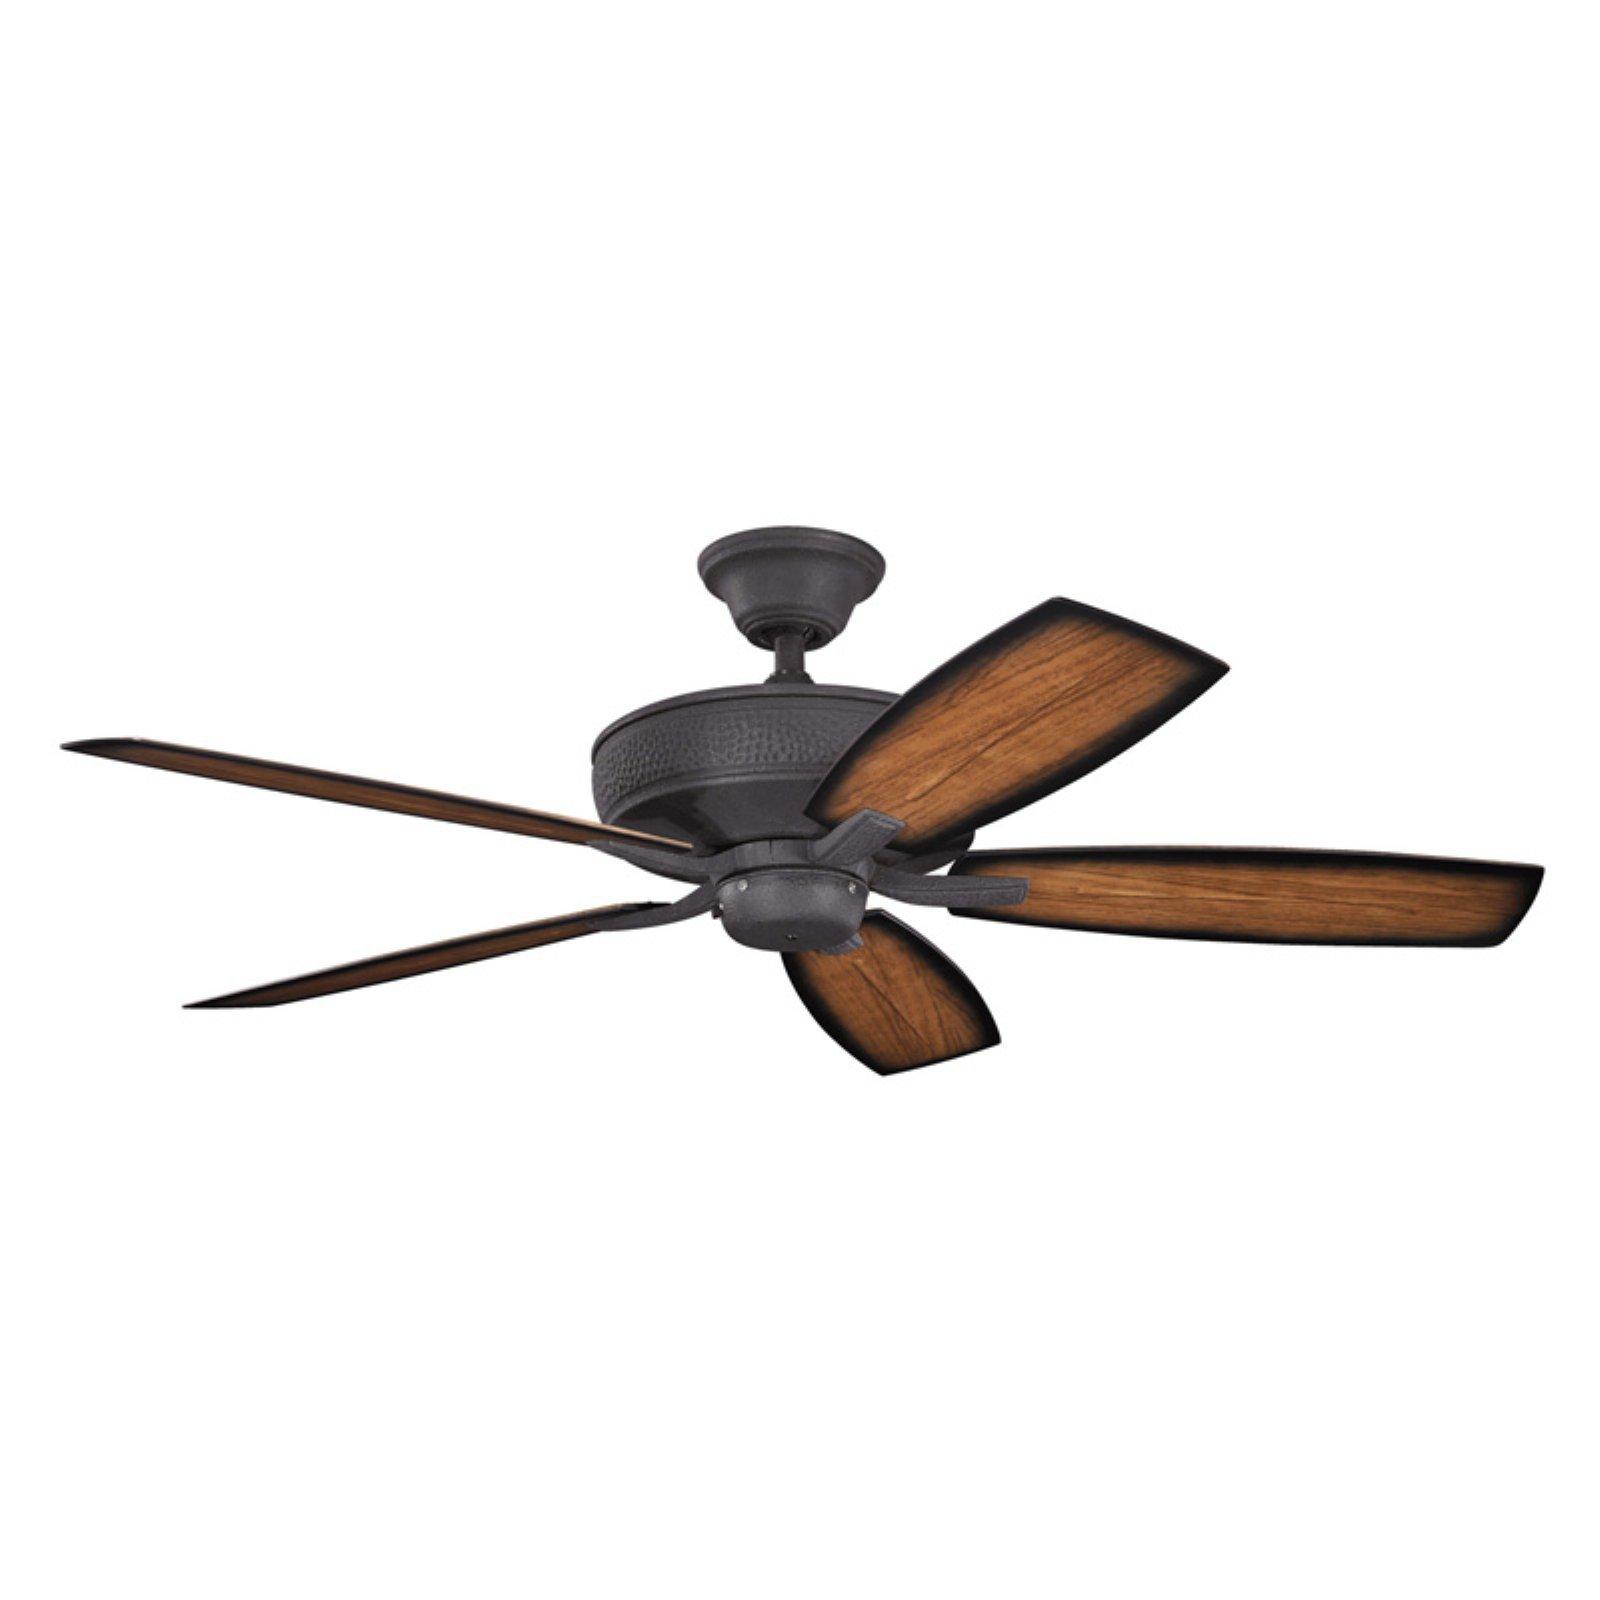 Kichler Monarch II Patio 310103 52 in. Indoor/Outdoor Ceiling Fan